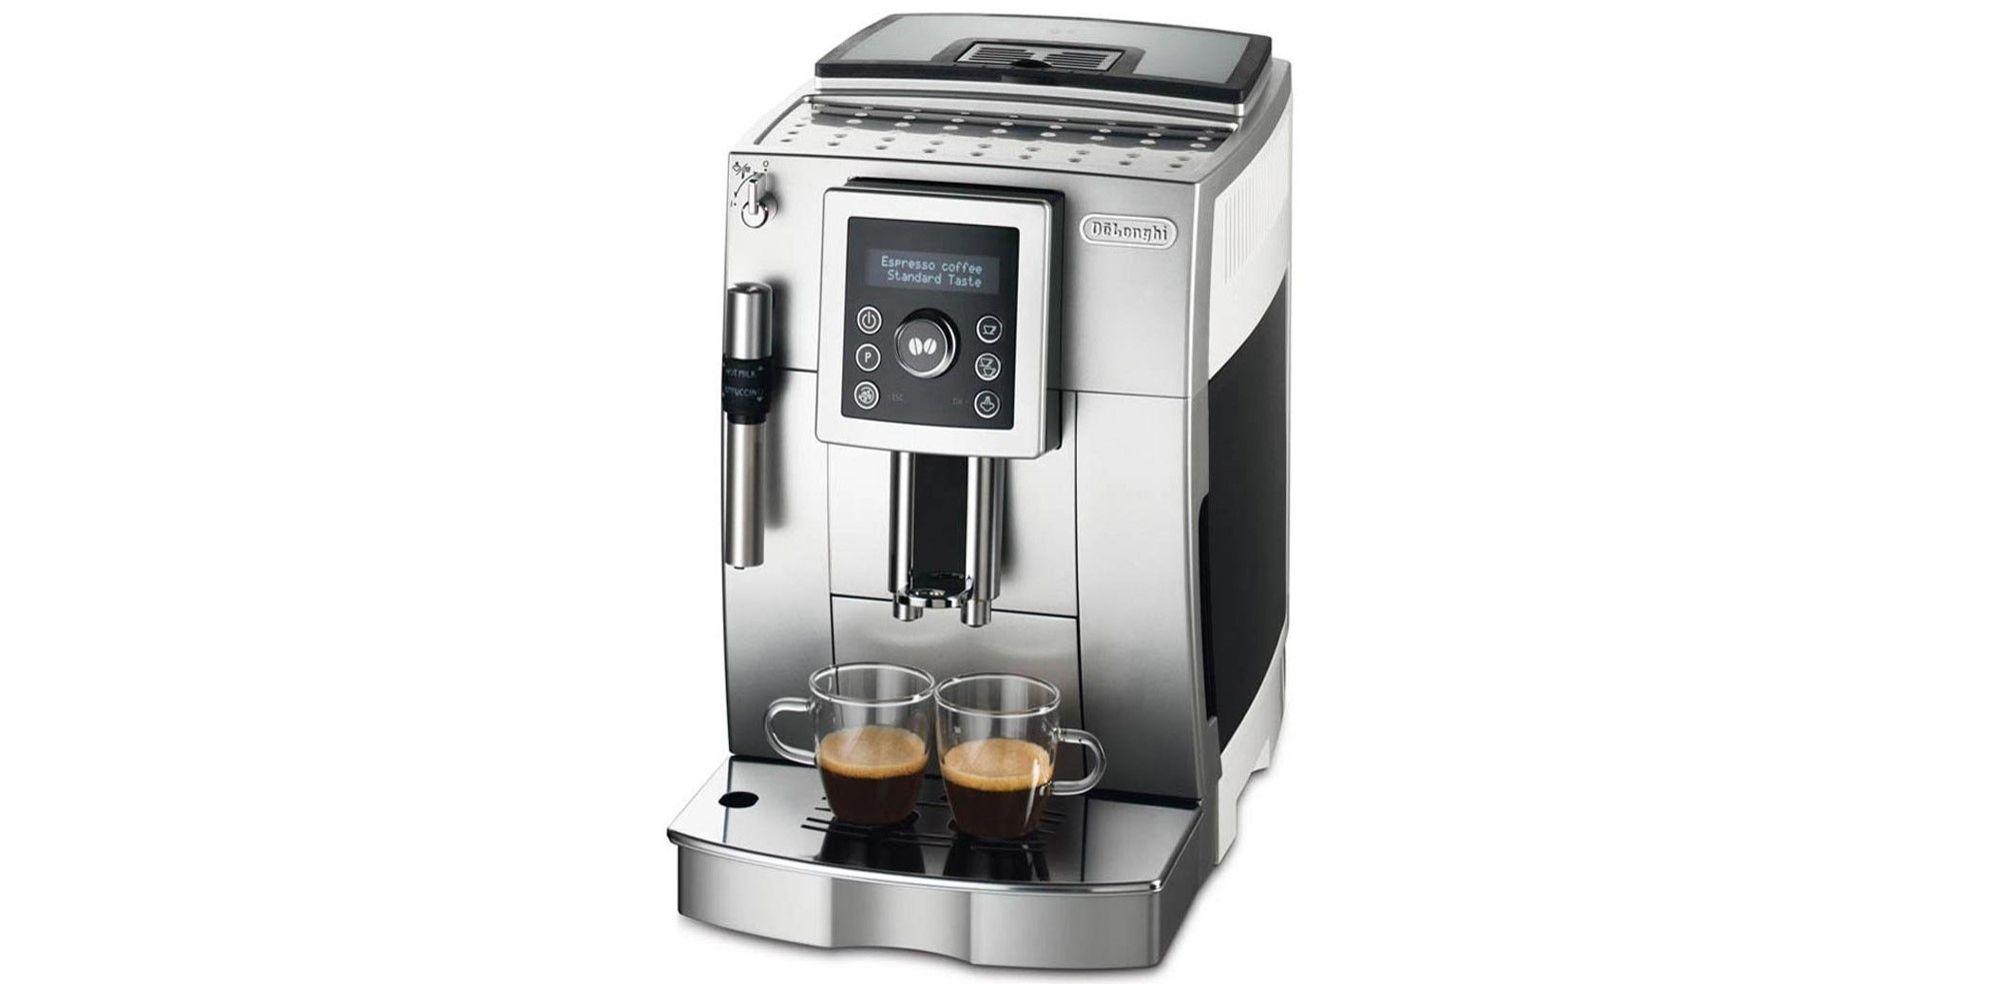 Les meilleures machines à café à grains 14272dcfec02